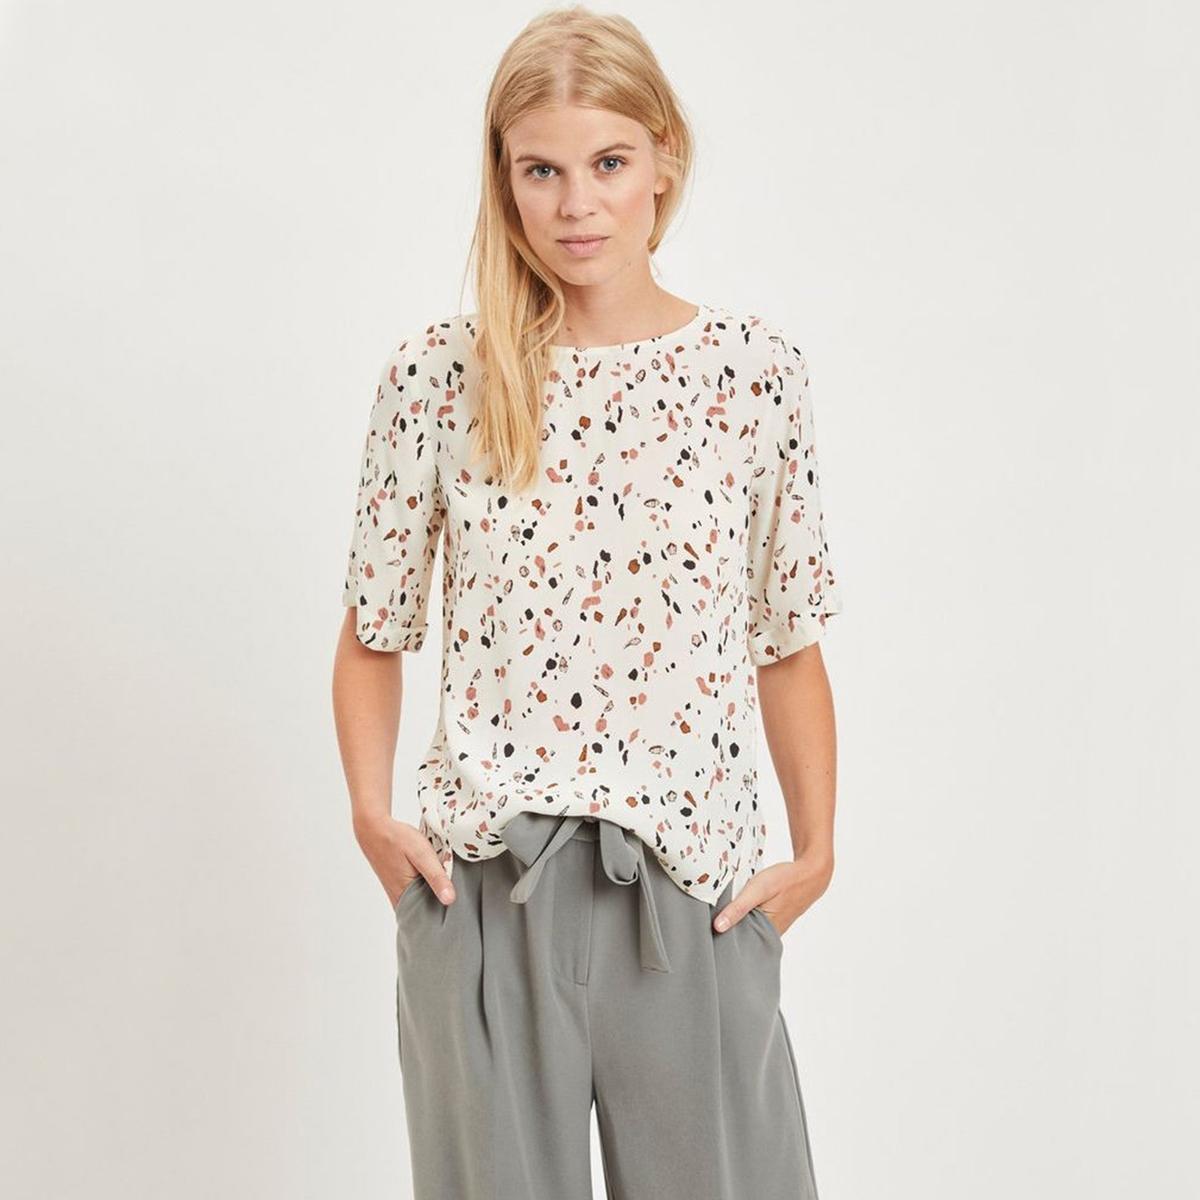 Блузка с круглым вырезом, графическим рисунком  короткими рукавами